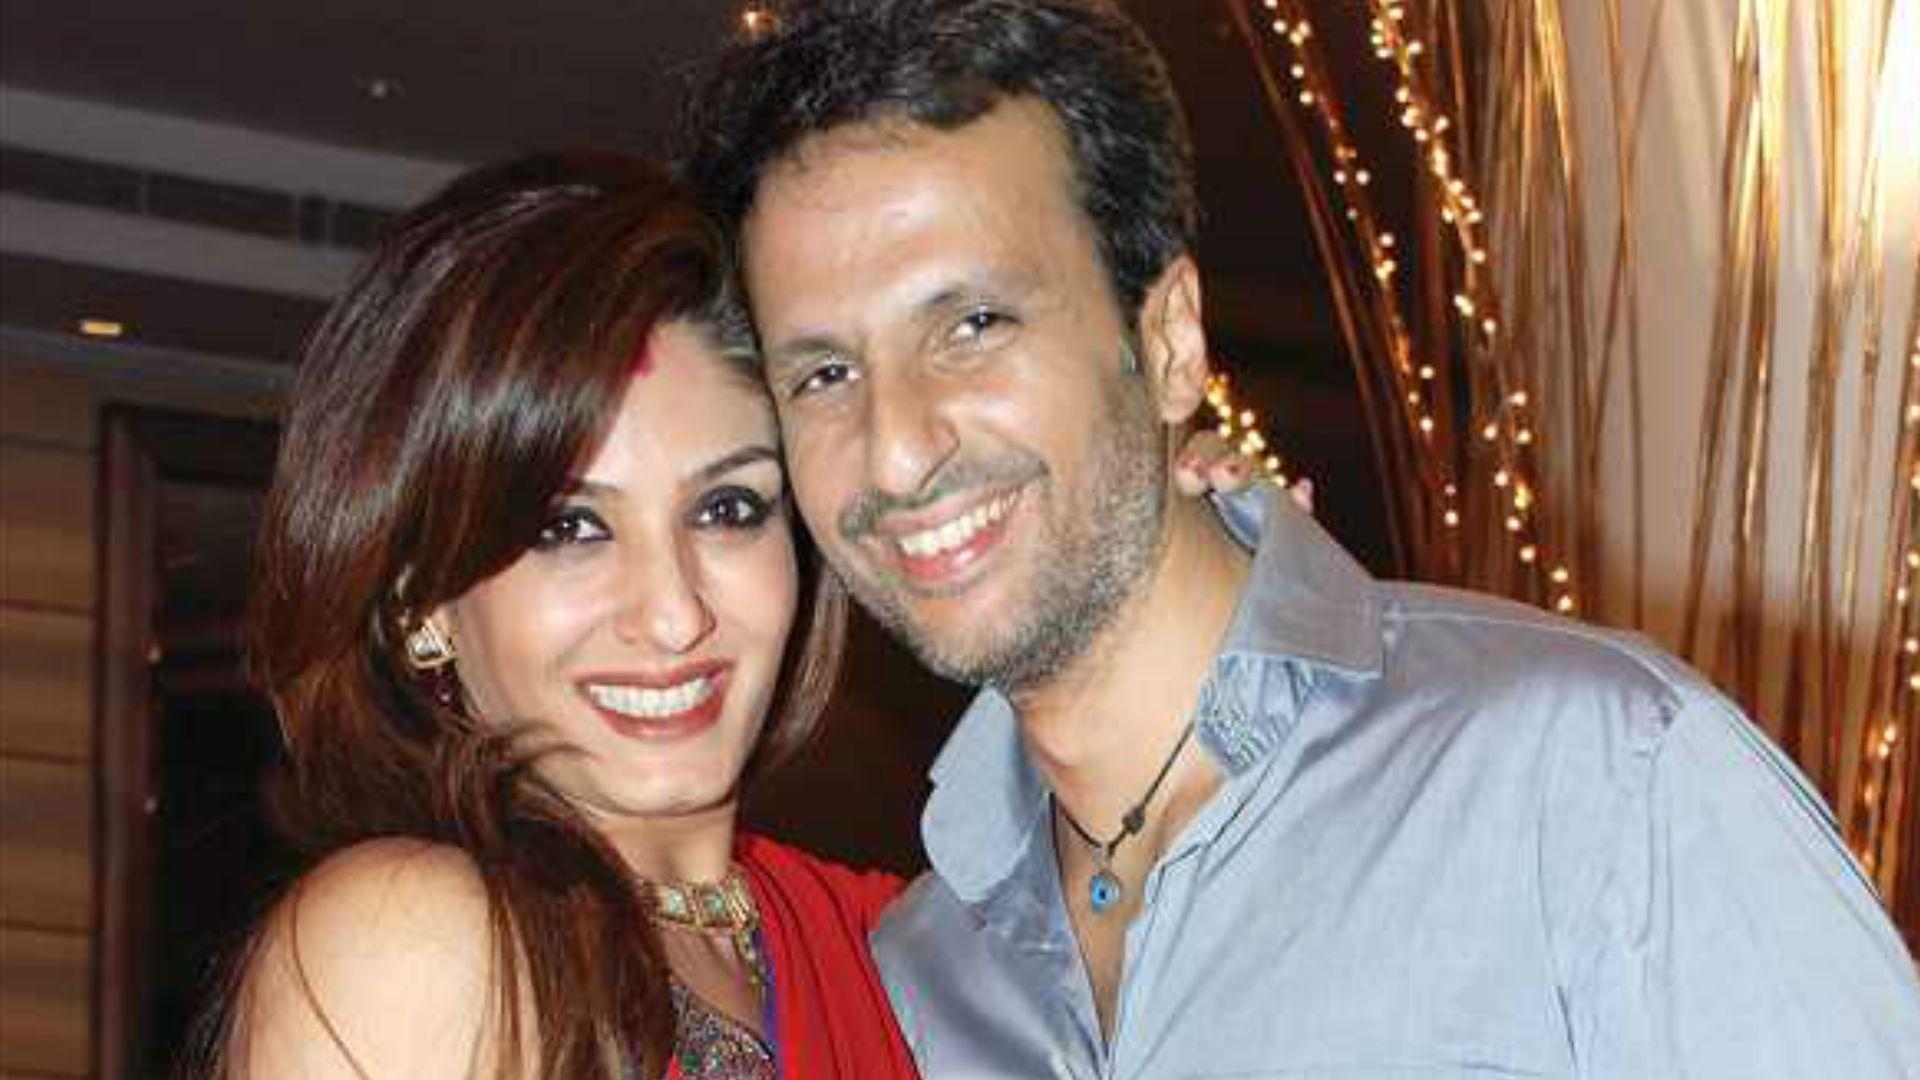 रवीना टंडन ने शादी के 15 साल पूरे होने किया बेहद रोमांटिक काम, पति अनिल थडानी को कुछ ऐसे किया विश